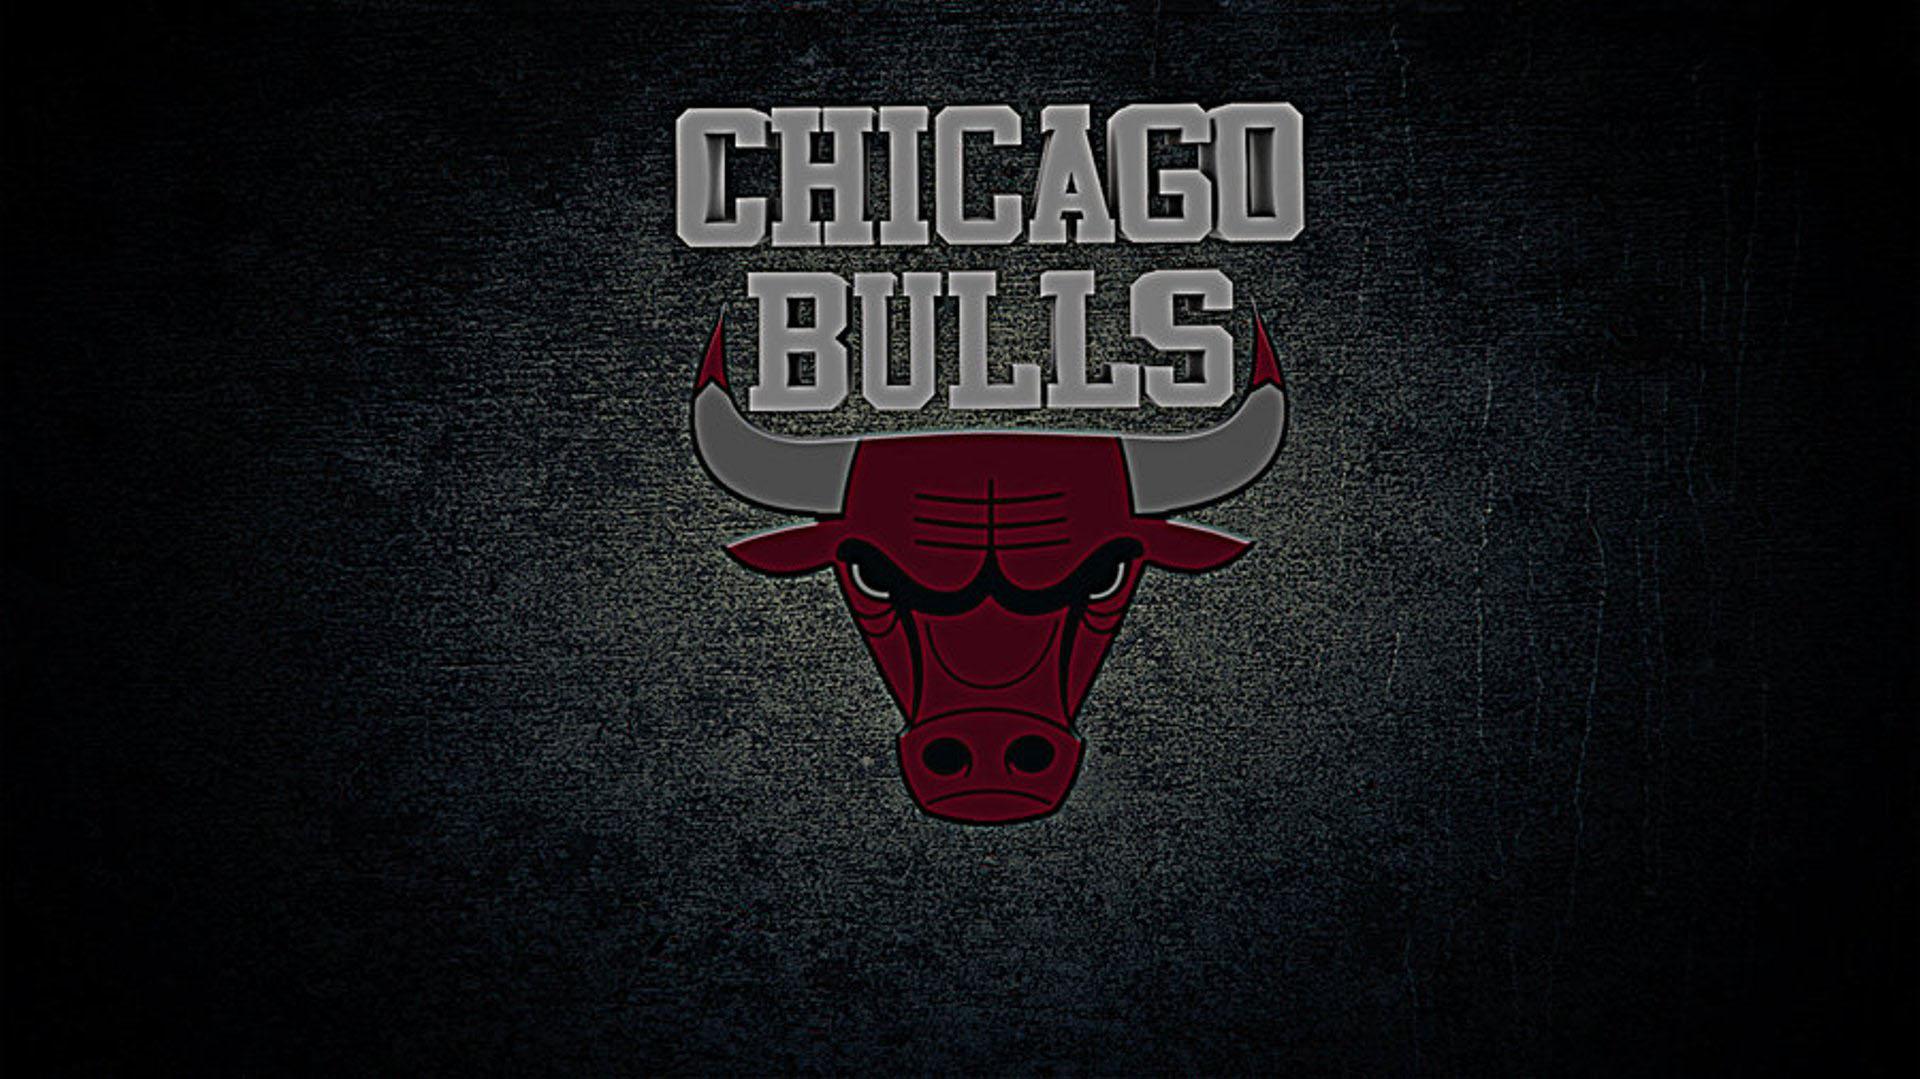 1000+ ideas about Bulls Wallpaper on Pinterest | Chicago bulls